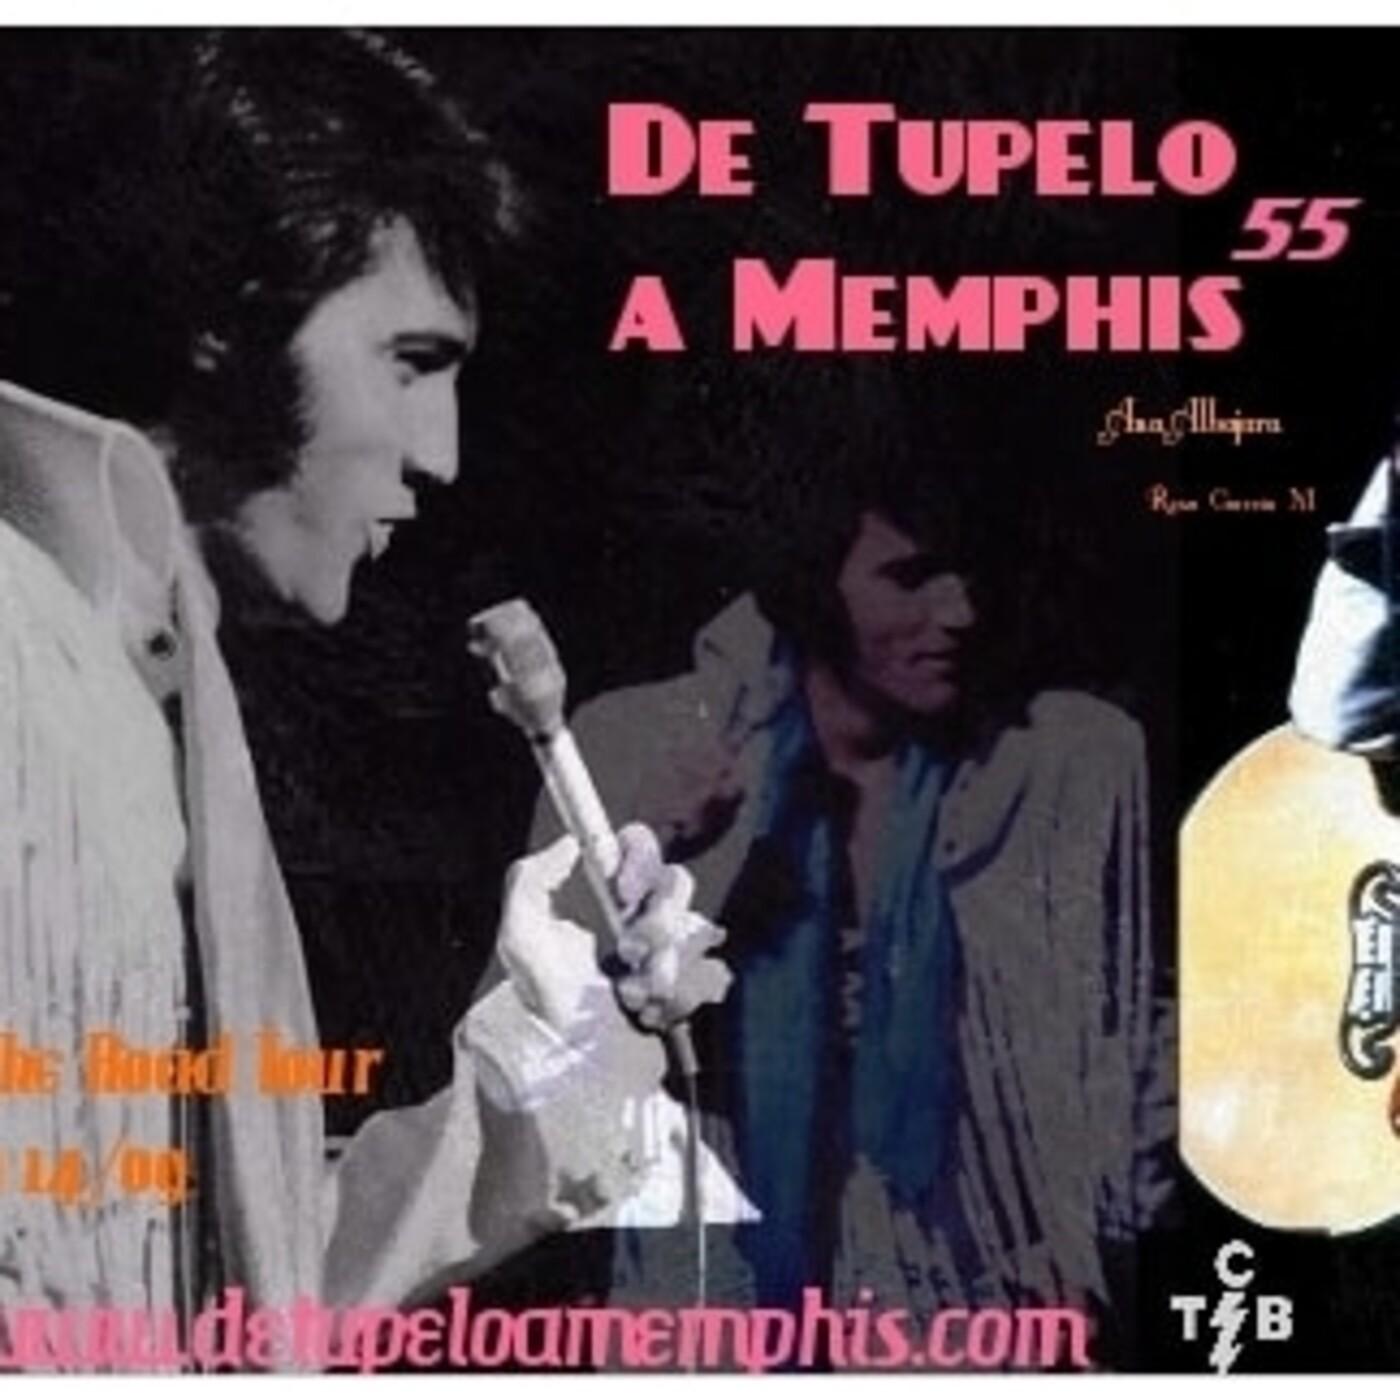 DE TUPELO A MEMPHIS 55. On Tour. Sept 1970